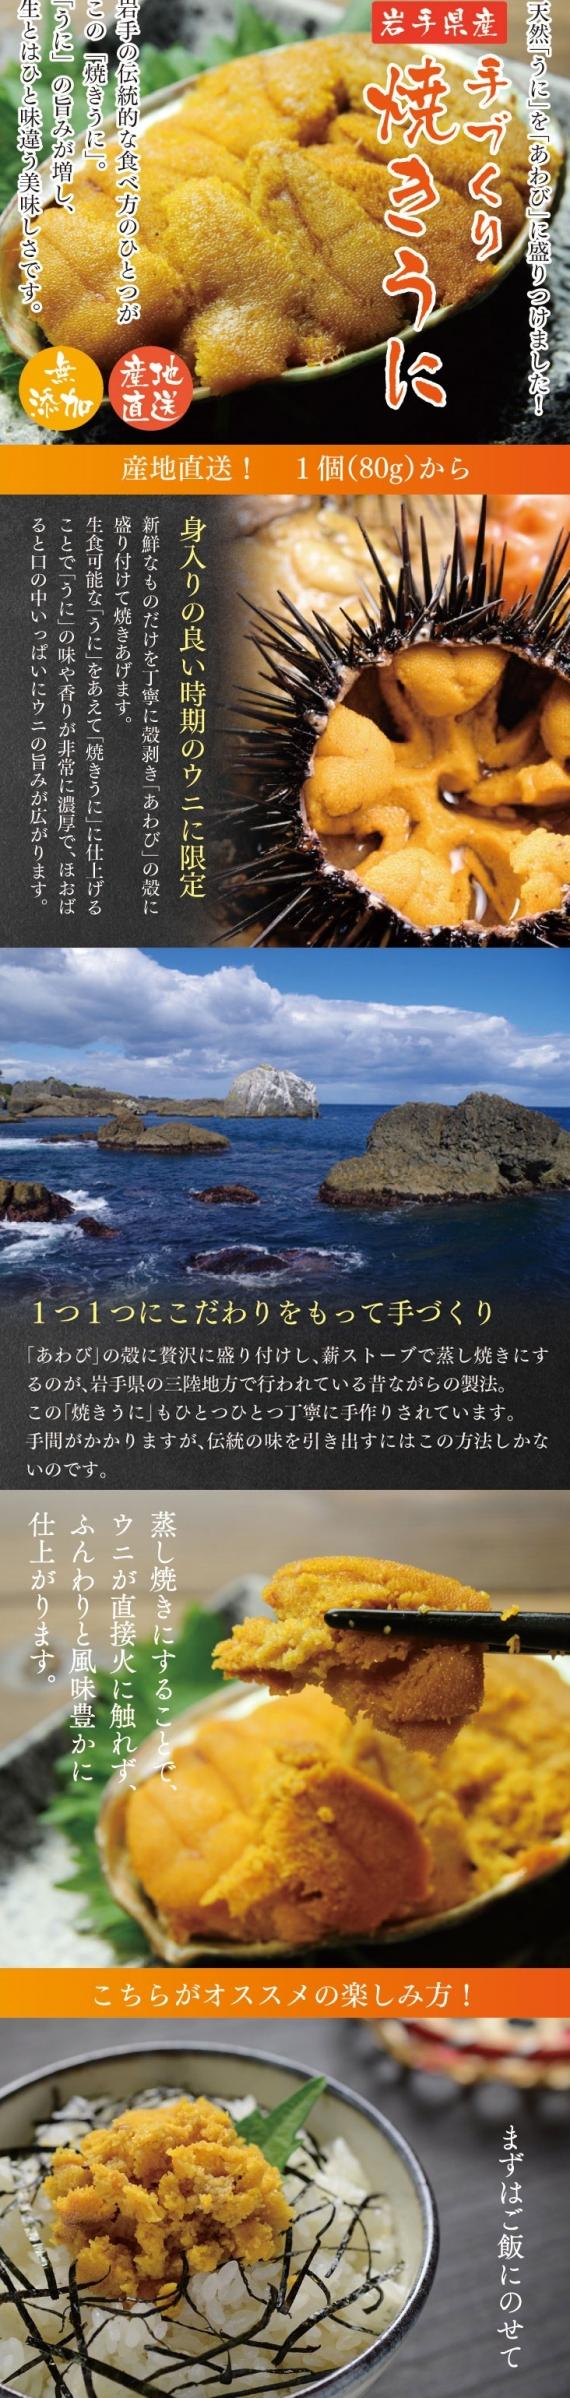 岩手の焼きウニ アワビの貝盛り(80g×2ケ組)【お中元2019】【カニ・鮮魚・魚介類】